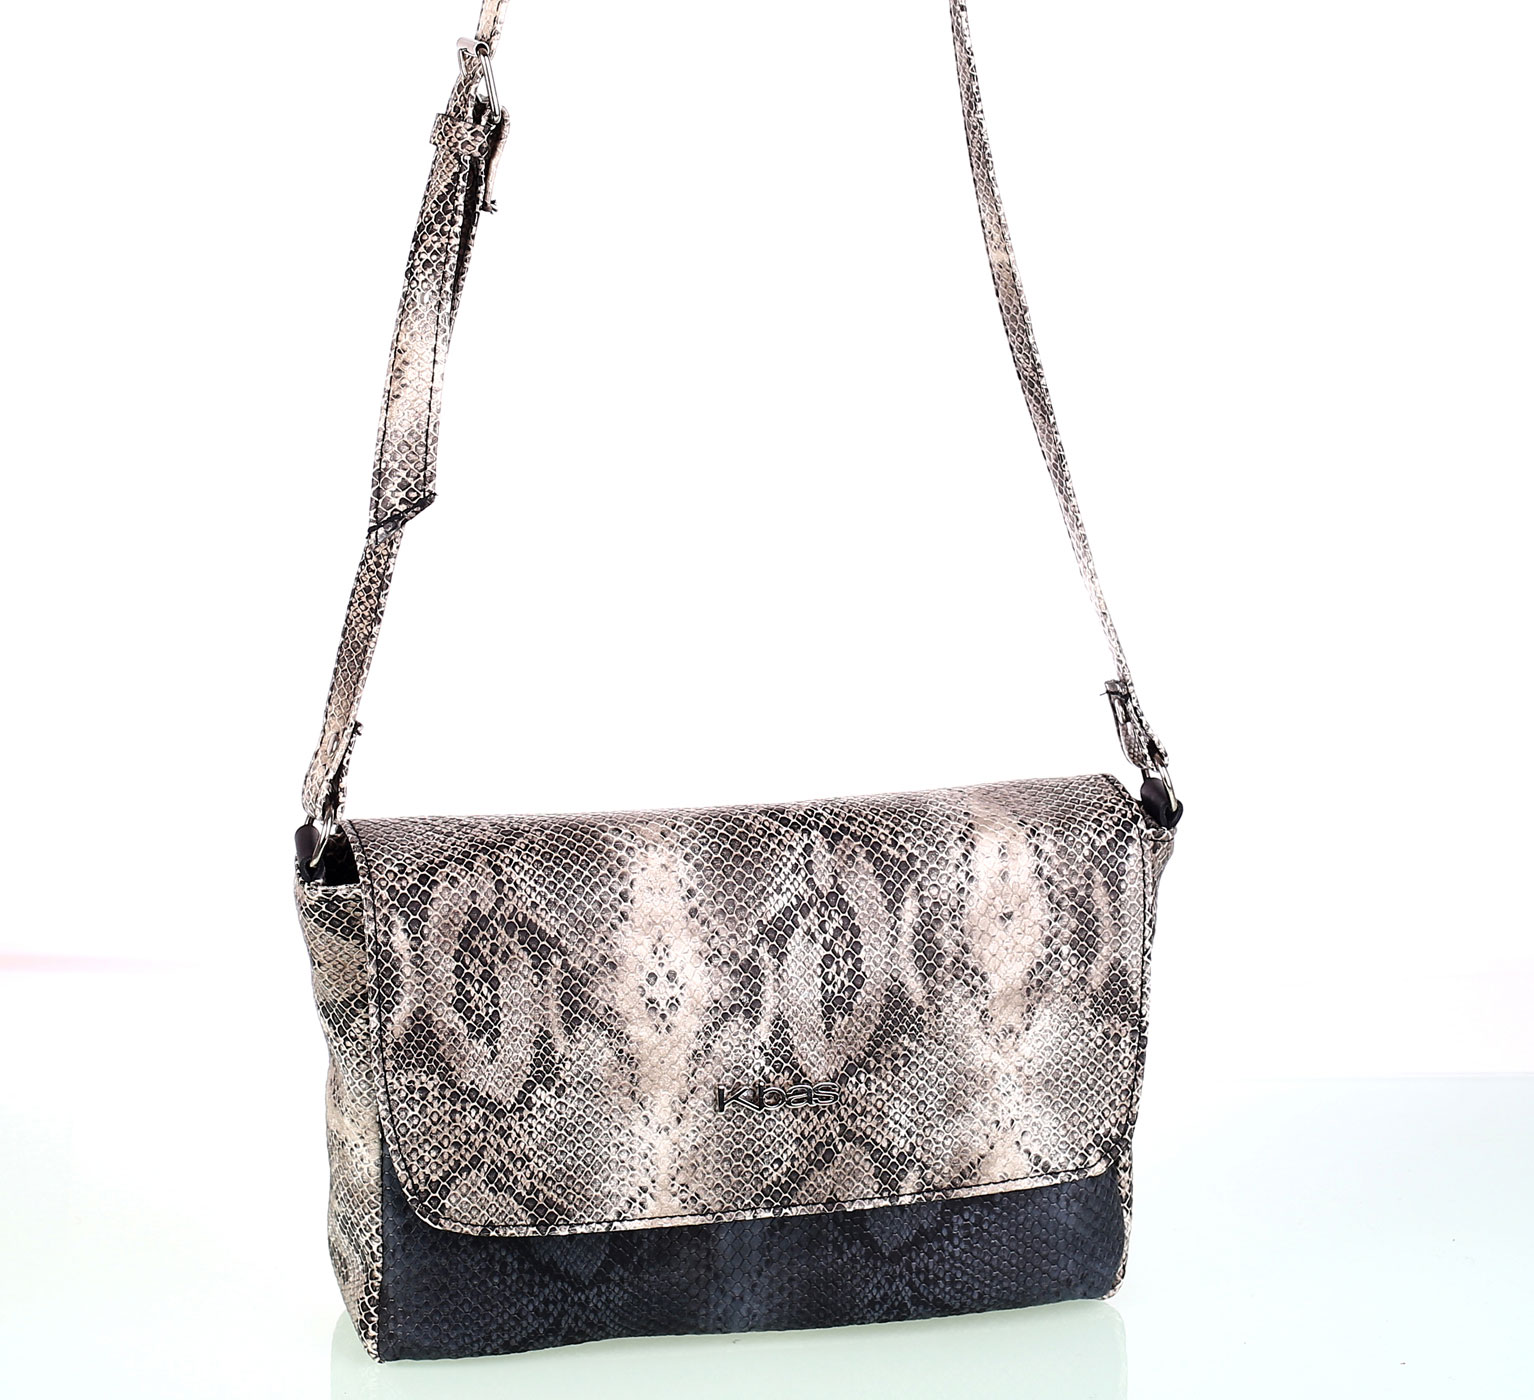 Dámska kabelka cez rameno z eko kože Kbas imitácia hada béžová  f6f4a800f8d